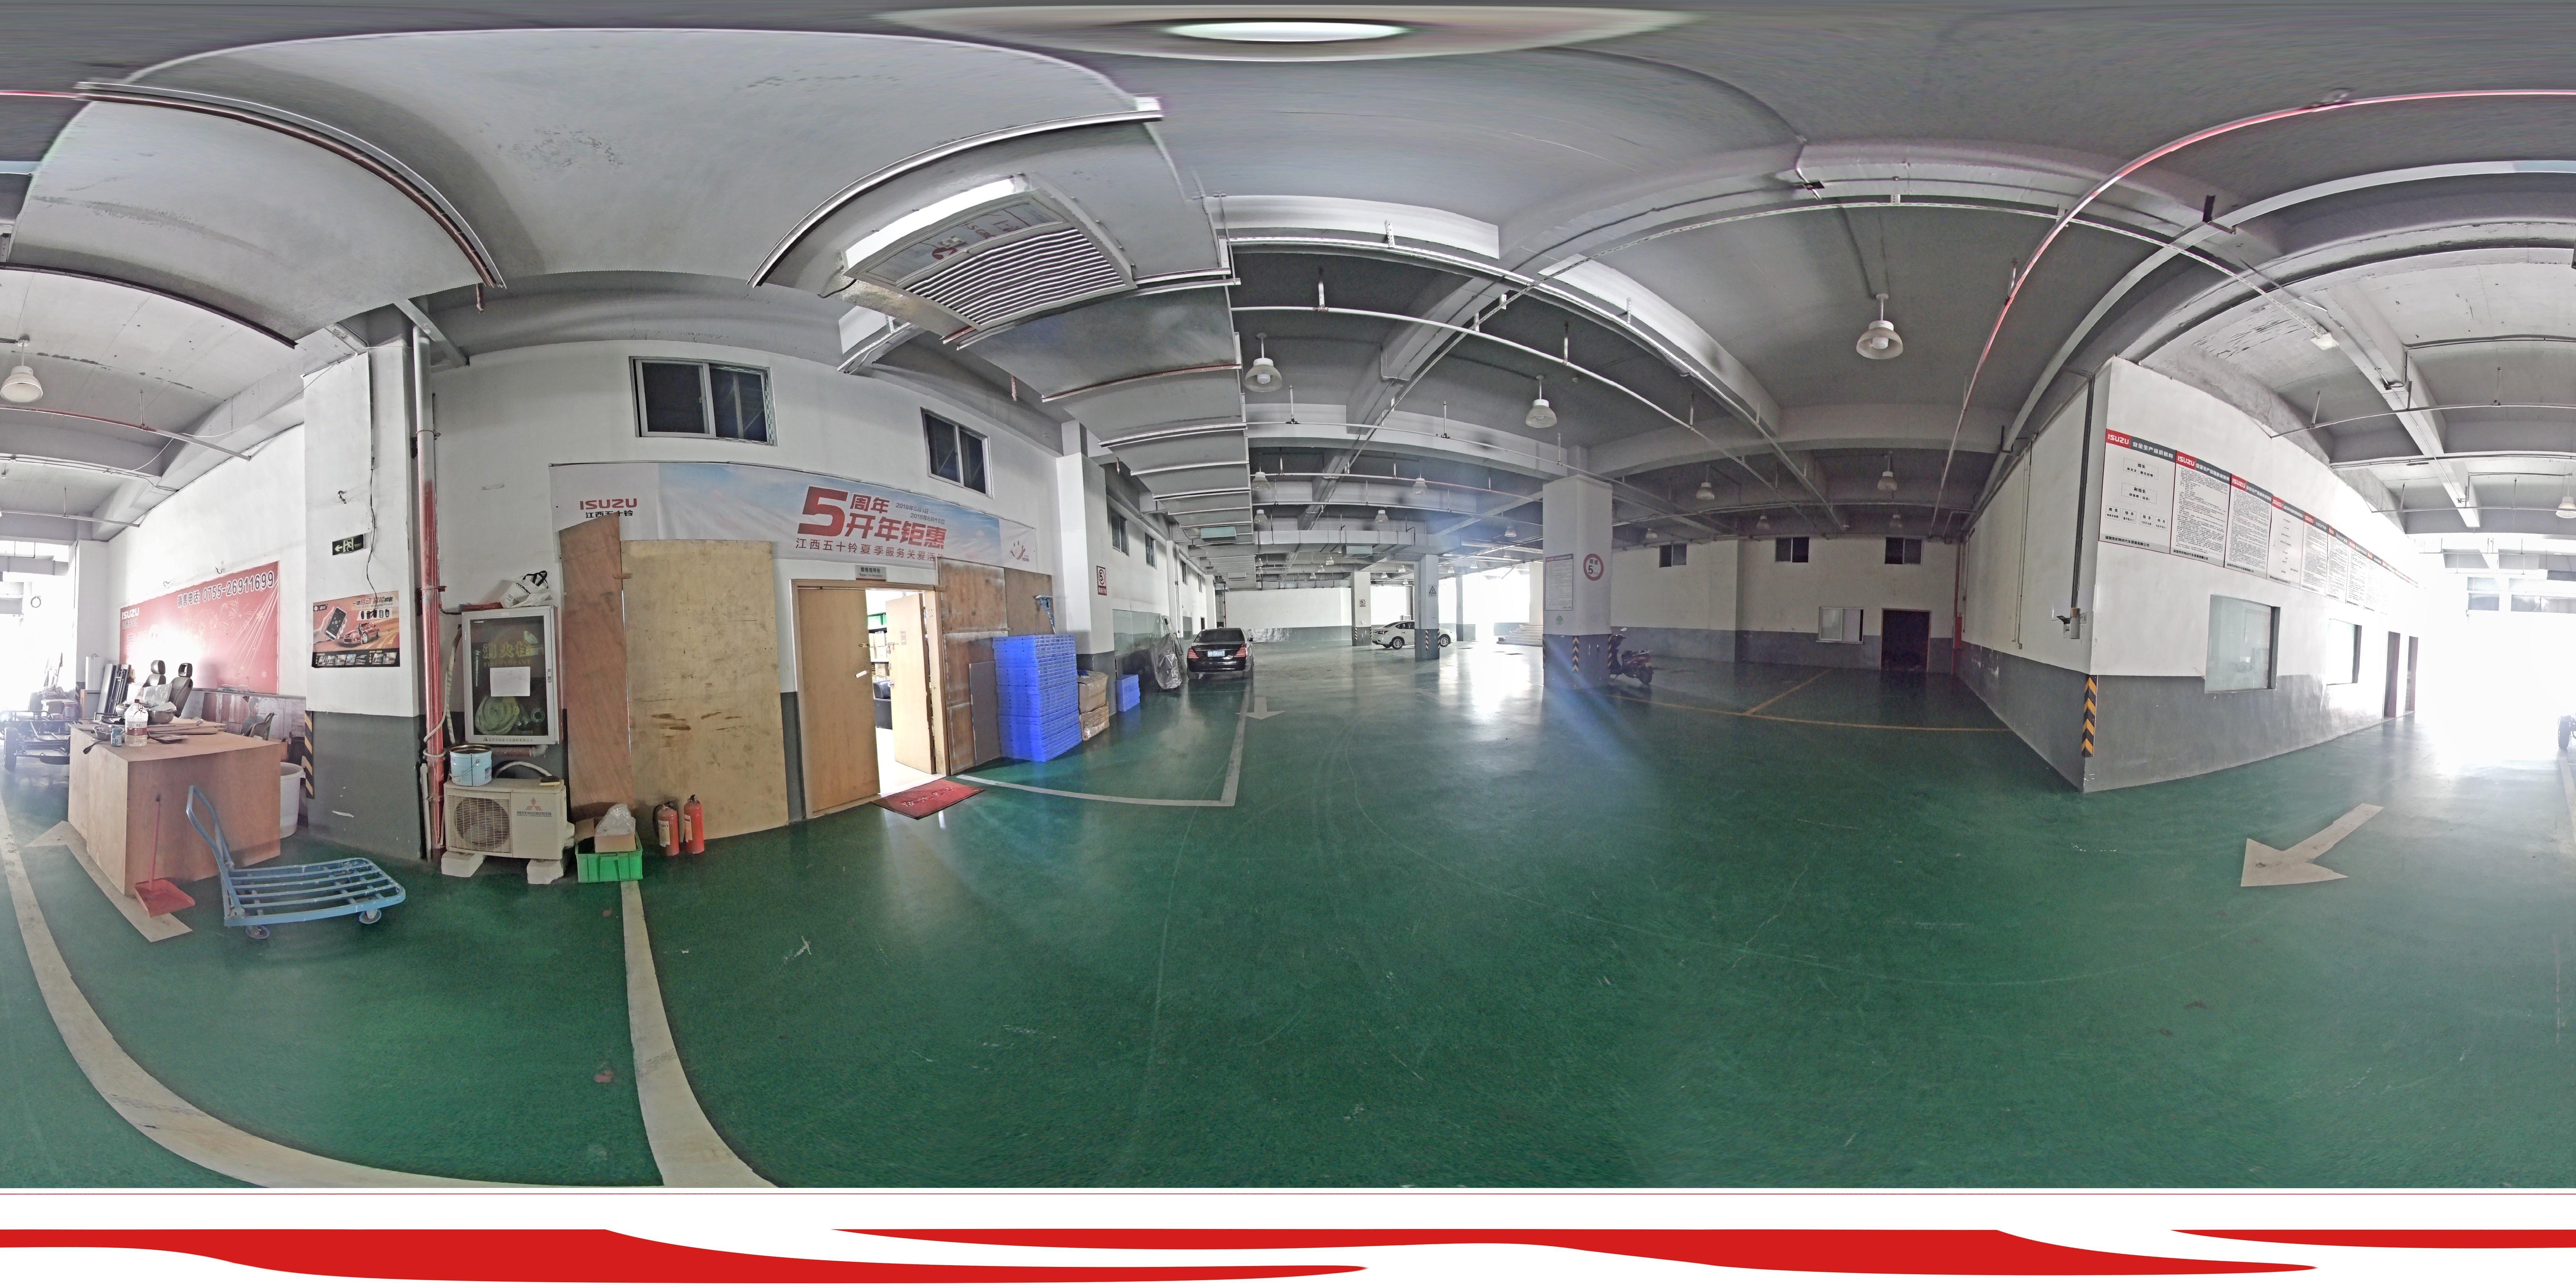 阳光工业区一楼1600平厂房,层高5米,适合配送,仓库,生产